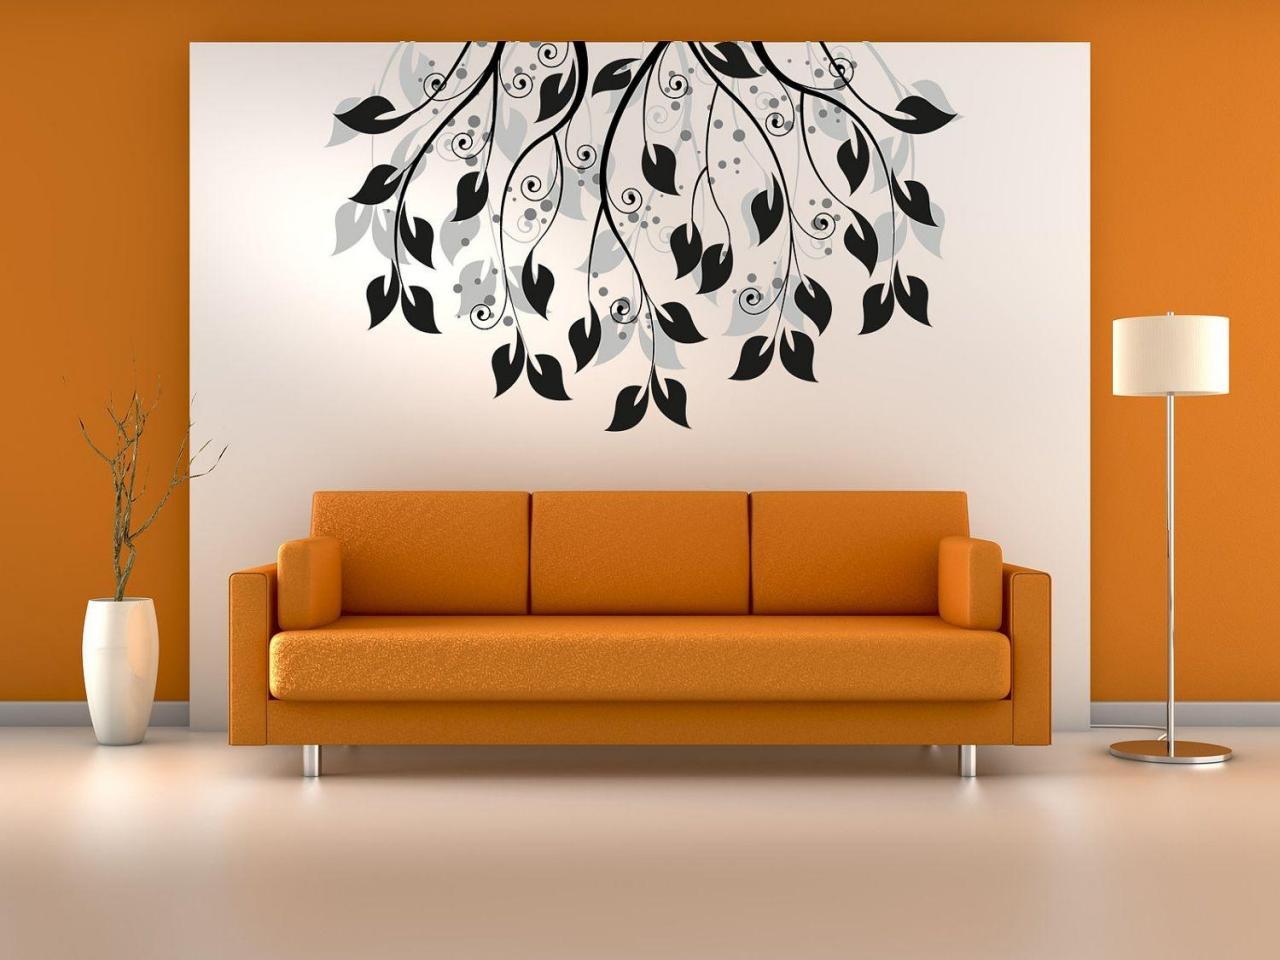 صورة رسومات حائط لغرف النوم , لتزين غرف النوم باجمل الرسومات 2251 7